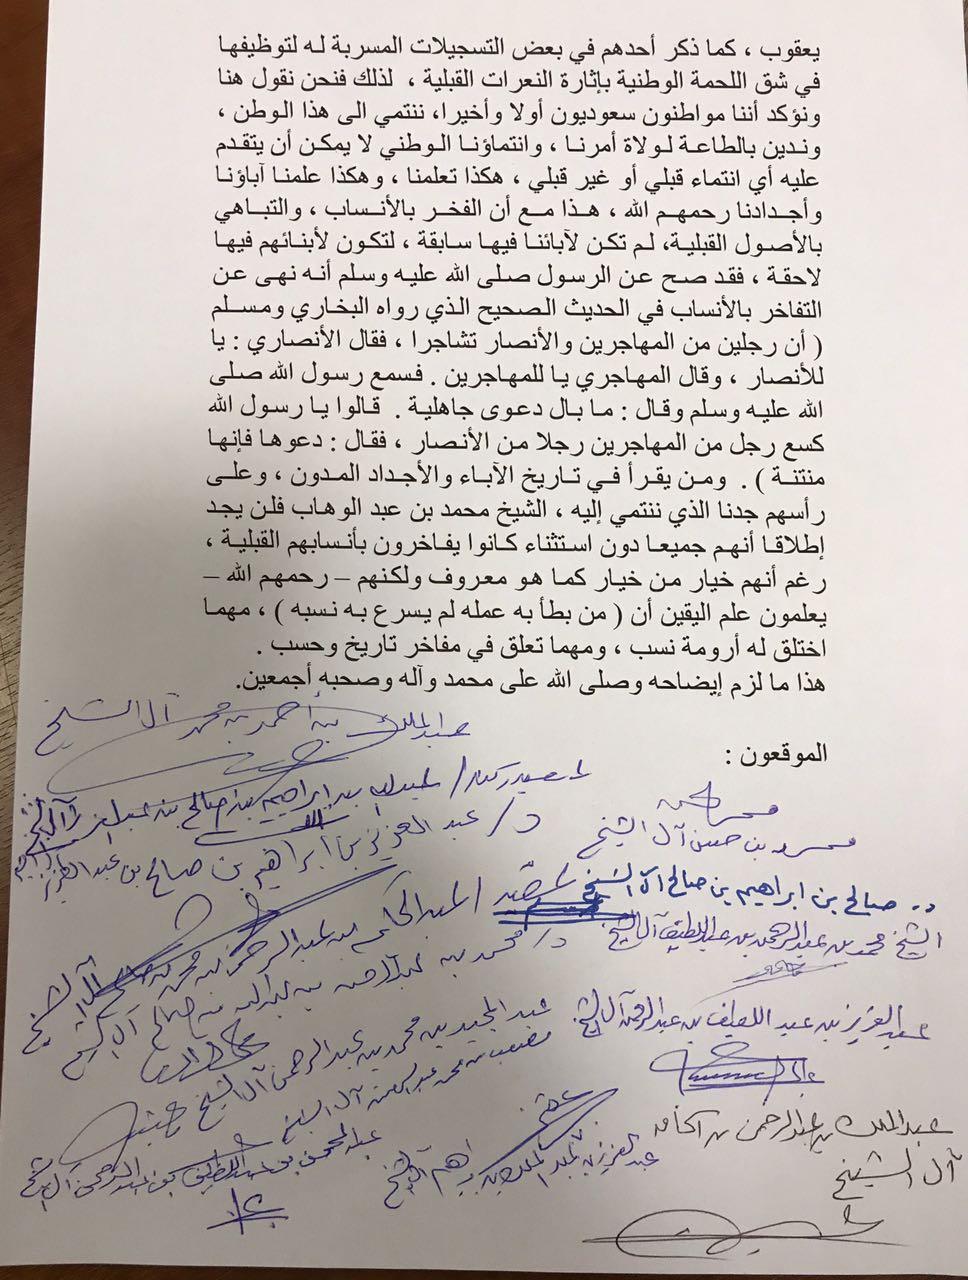 في بيان رسمي أسرة آل الشيخ تتبرأ من أمير قطر صوت الأمة